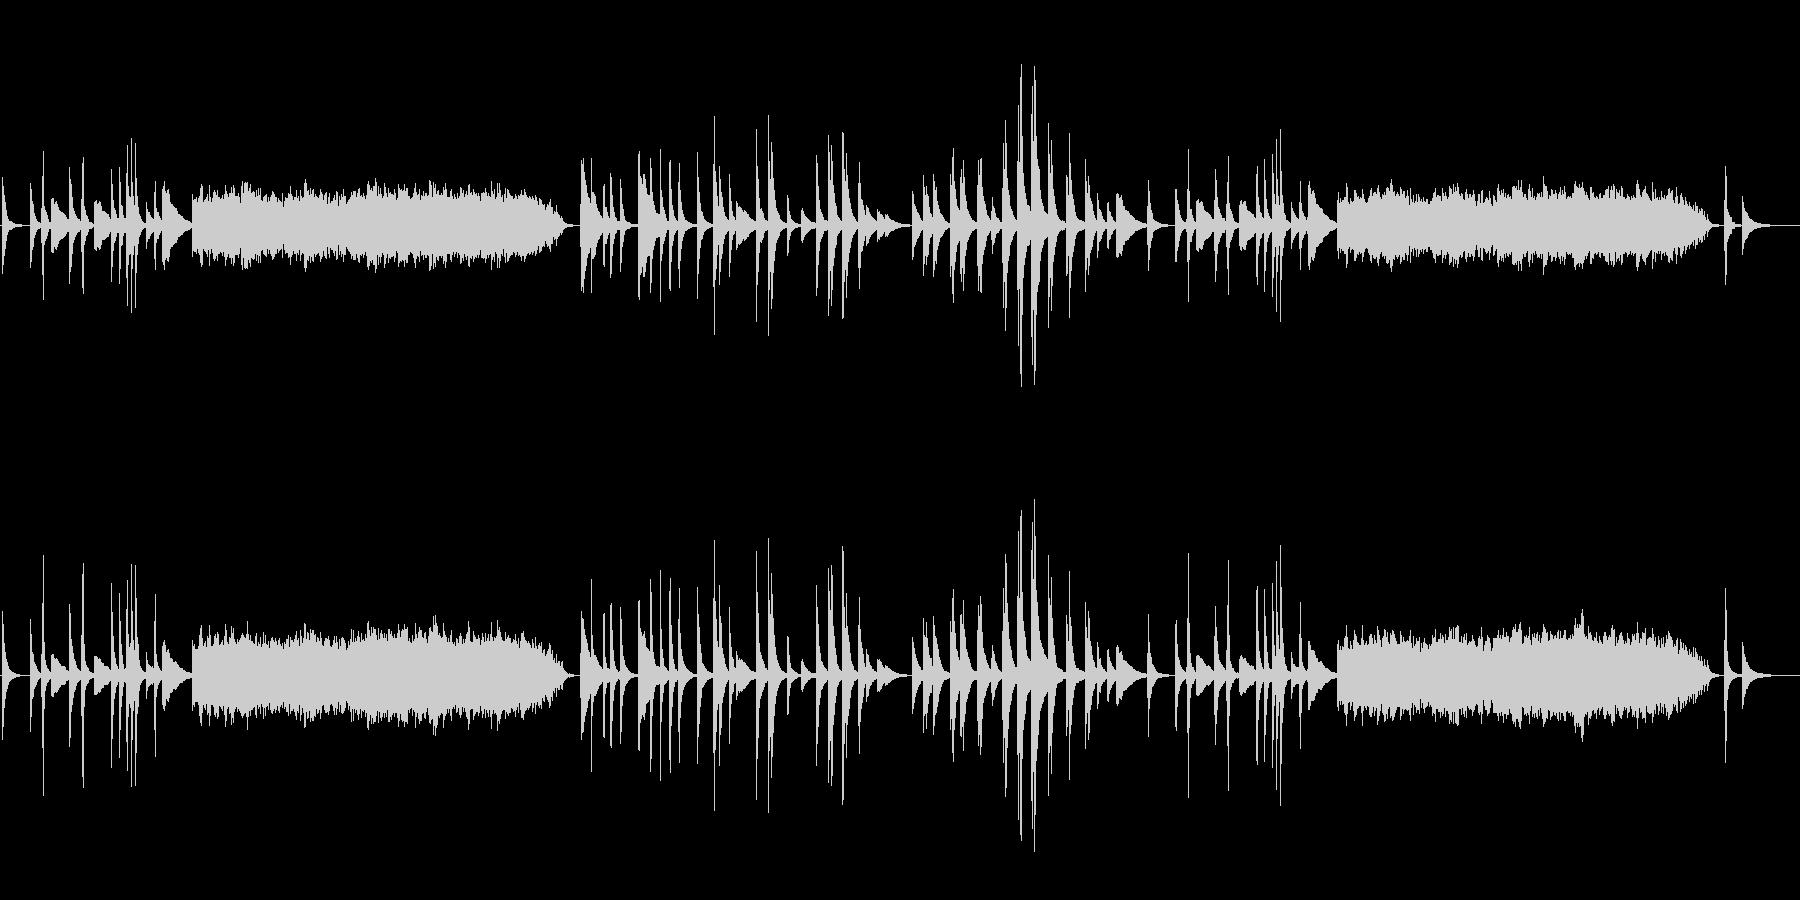 静寂の中のピアニズム(淡々とした調べ)の未再生の波形